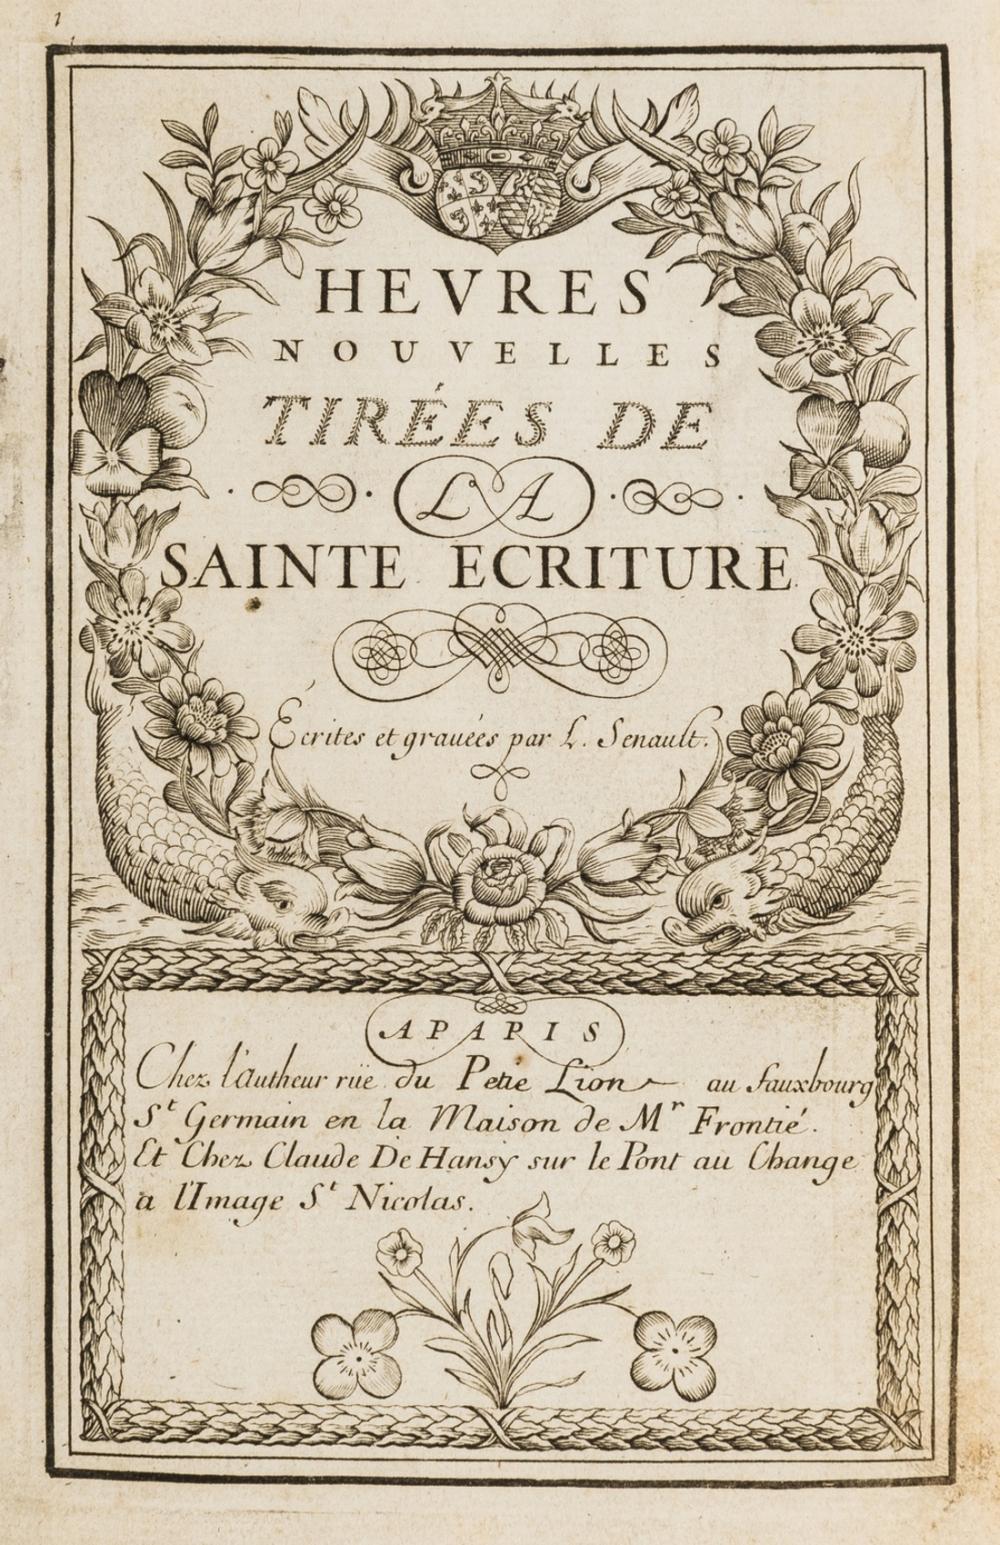 Senault (Louis) Heures nouvelles tirees de la Sainte Ecriture, engraved throughout, Paris, Chez l'Autheur, [after 1690].